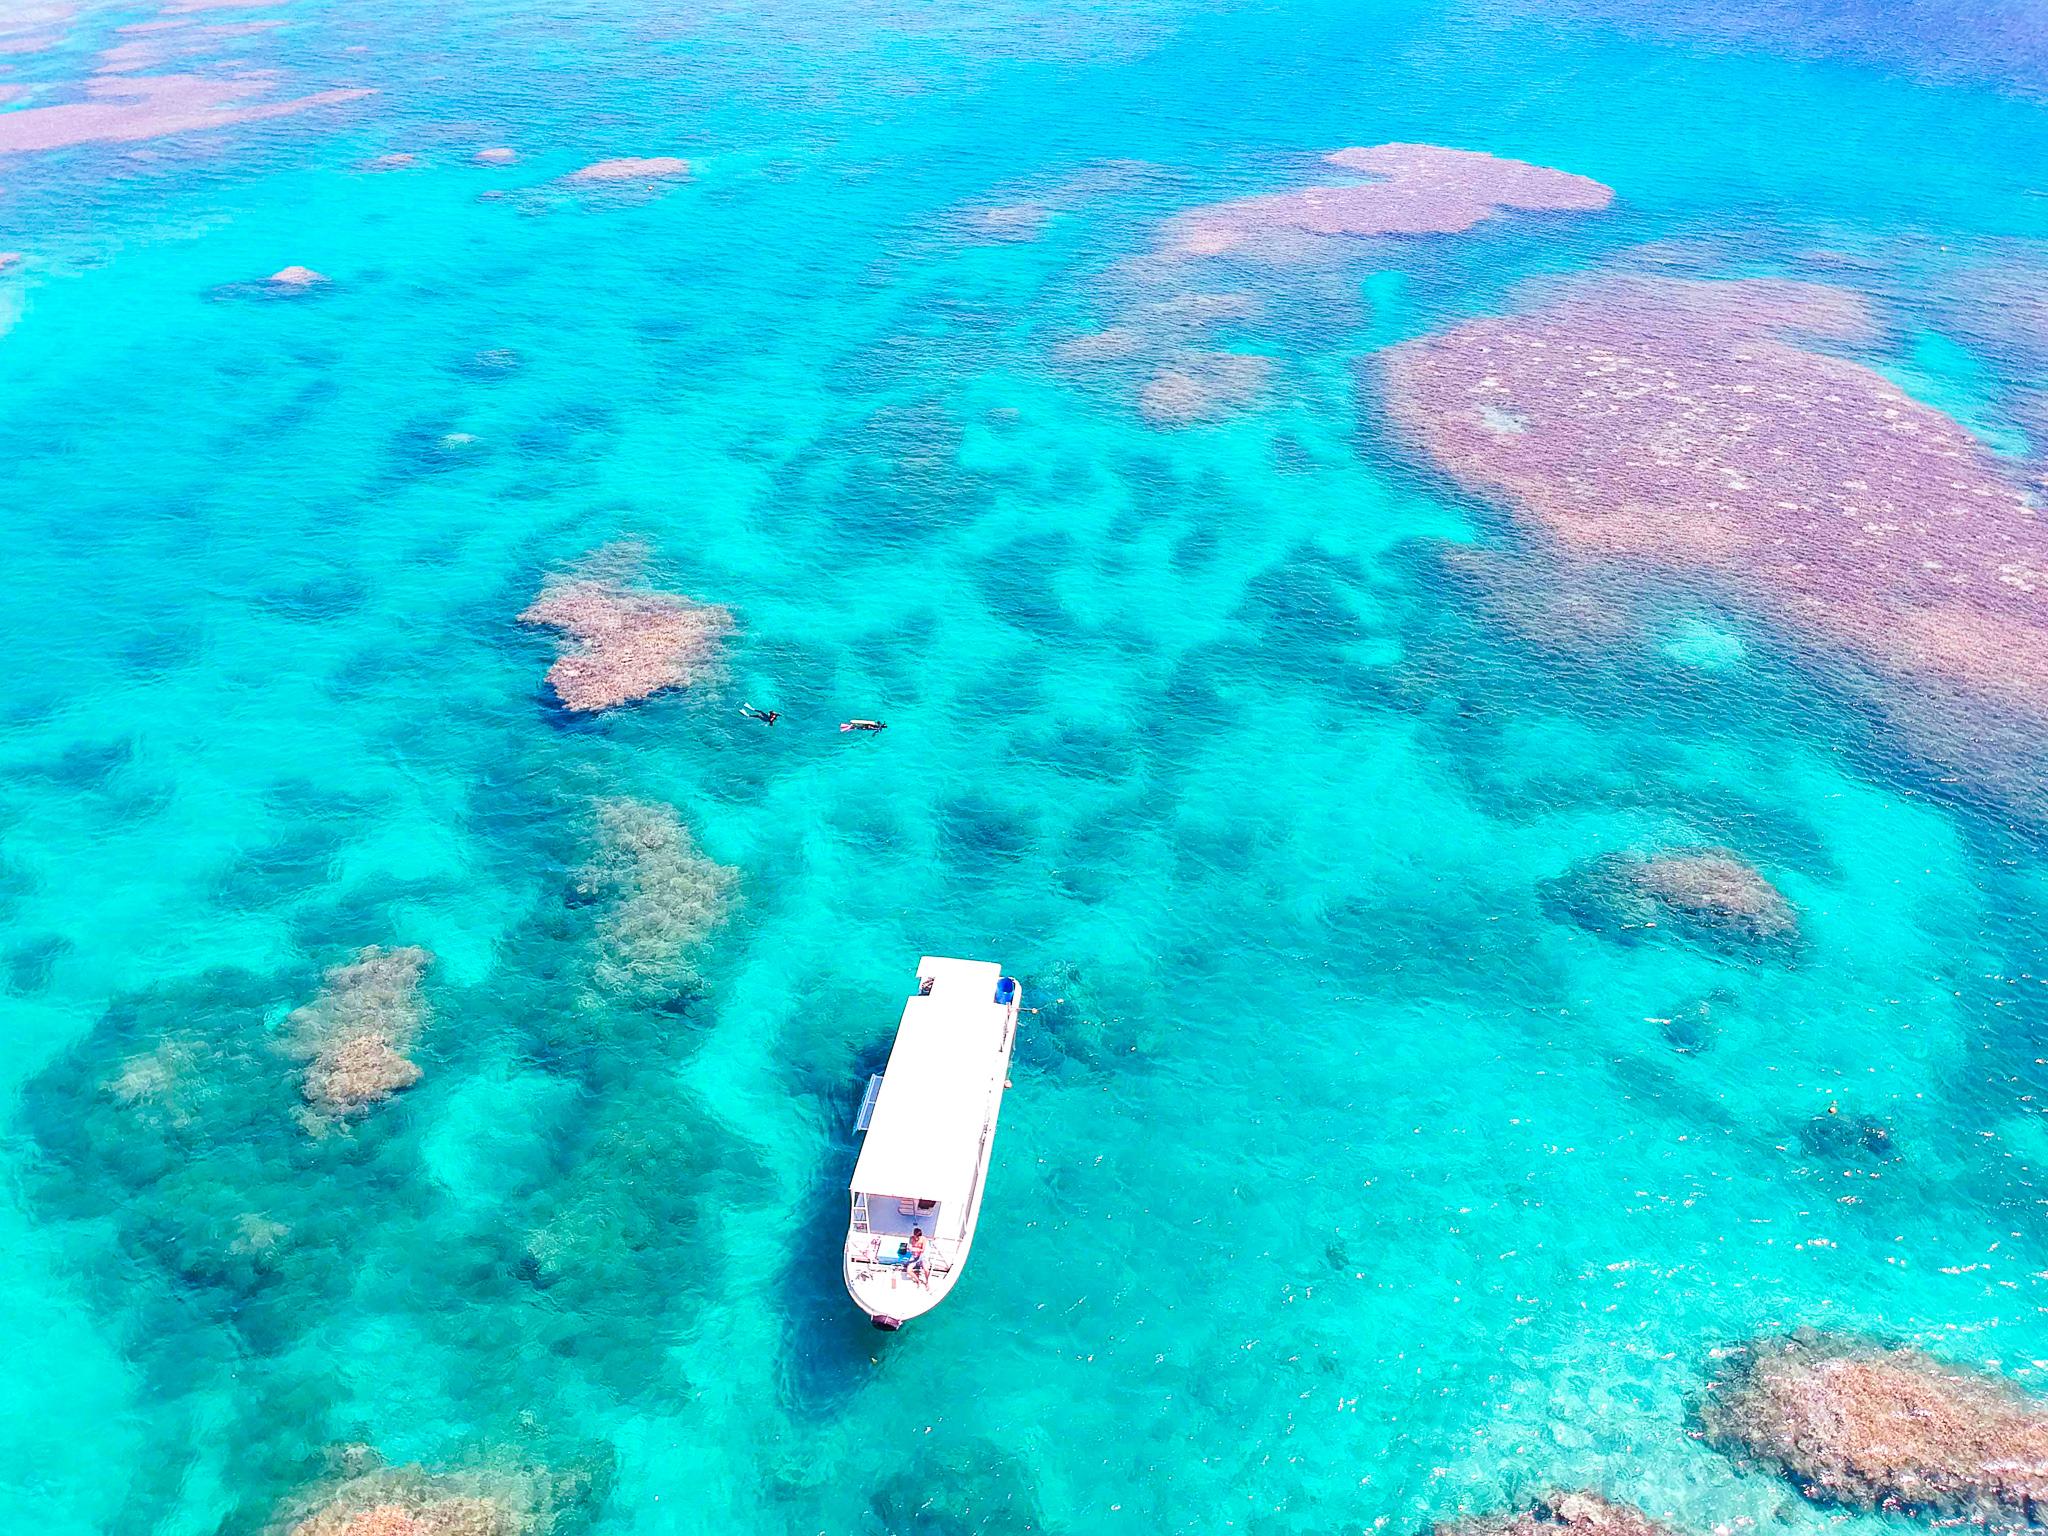 石西礁湖でシュノーケリングアクティビティ